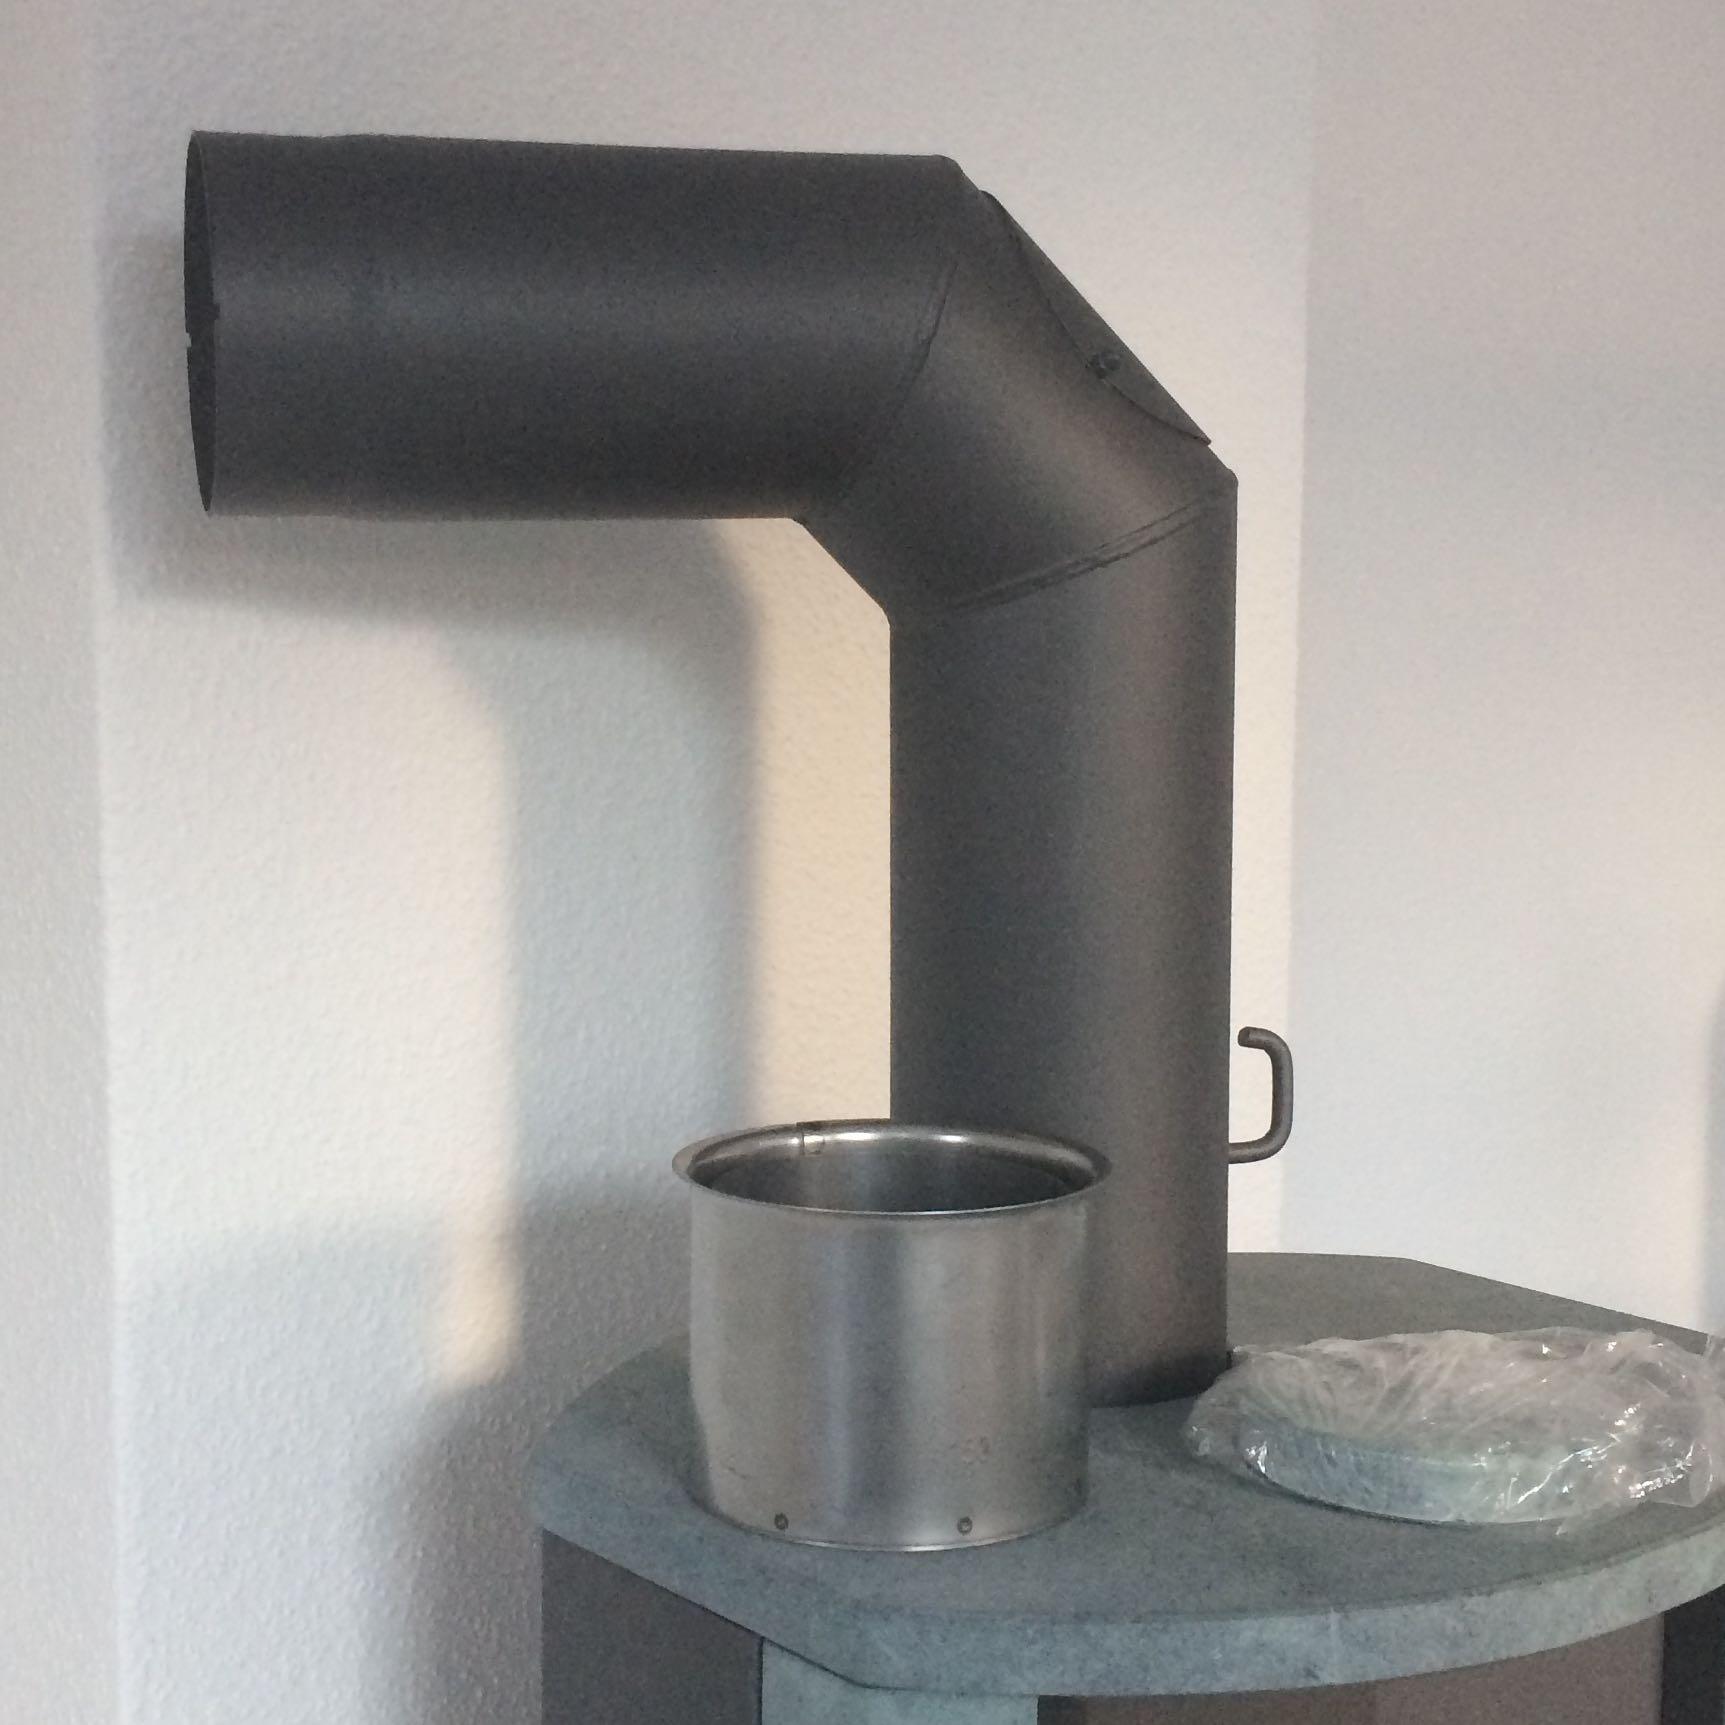 kaminofen anschlie en was brauche ich noch wand ofen kamin. Black Bedroom Furniture Sets. Home Design Ideas